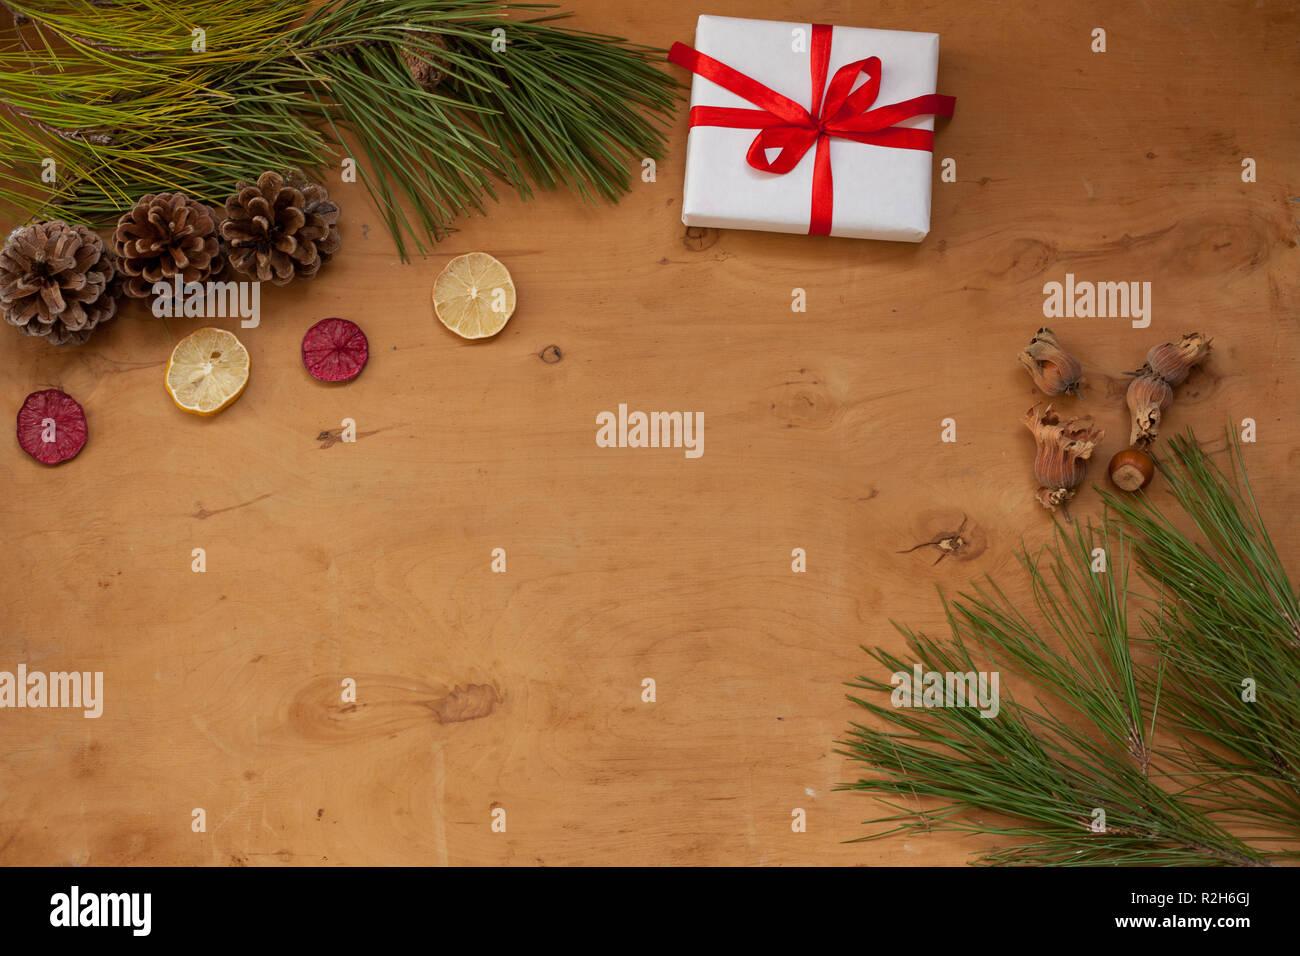 Weihnachten Urlaub 2019.2019 Weihnachten Hintergrund Weihnachten Neujahr Geschenke